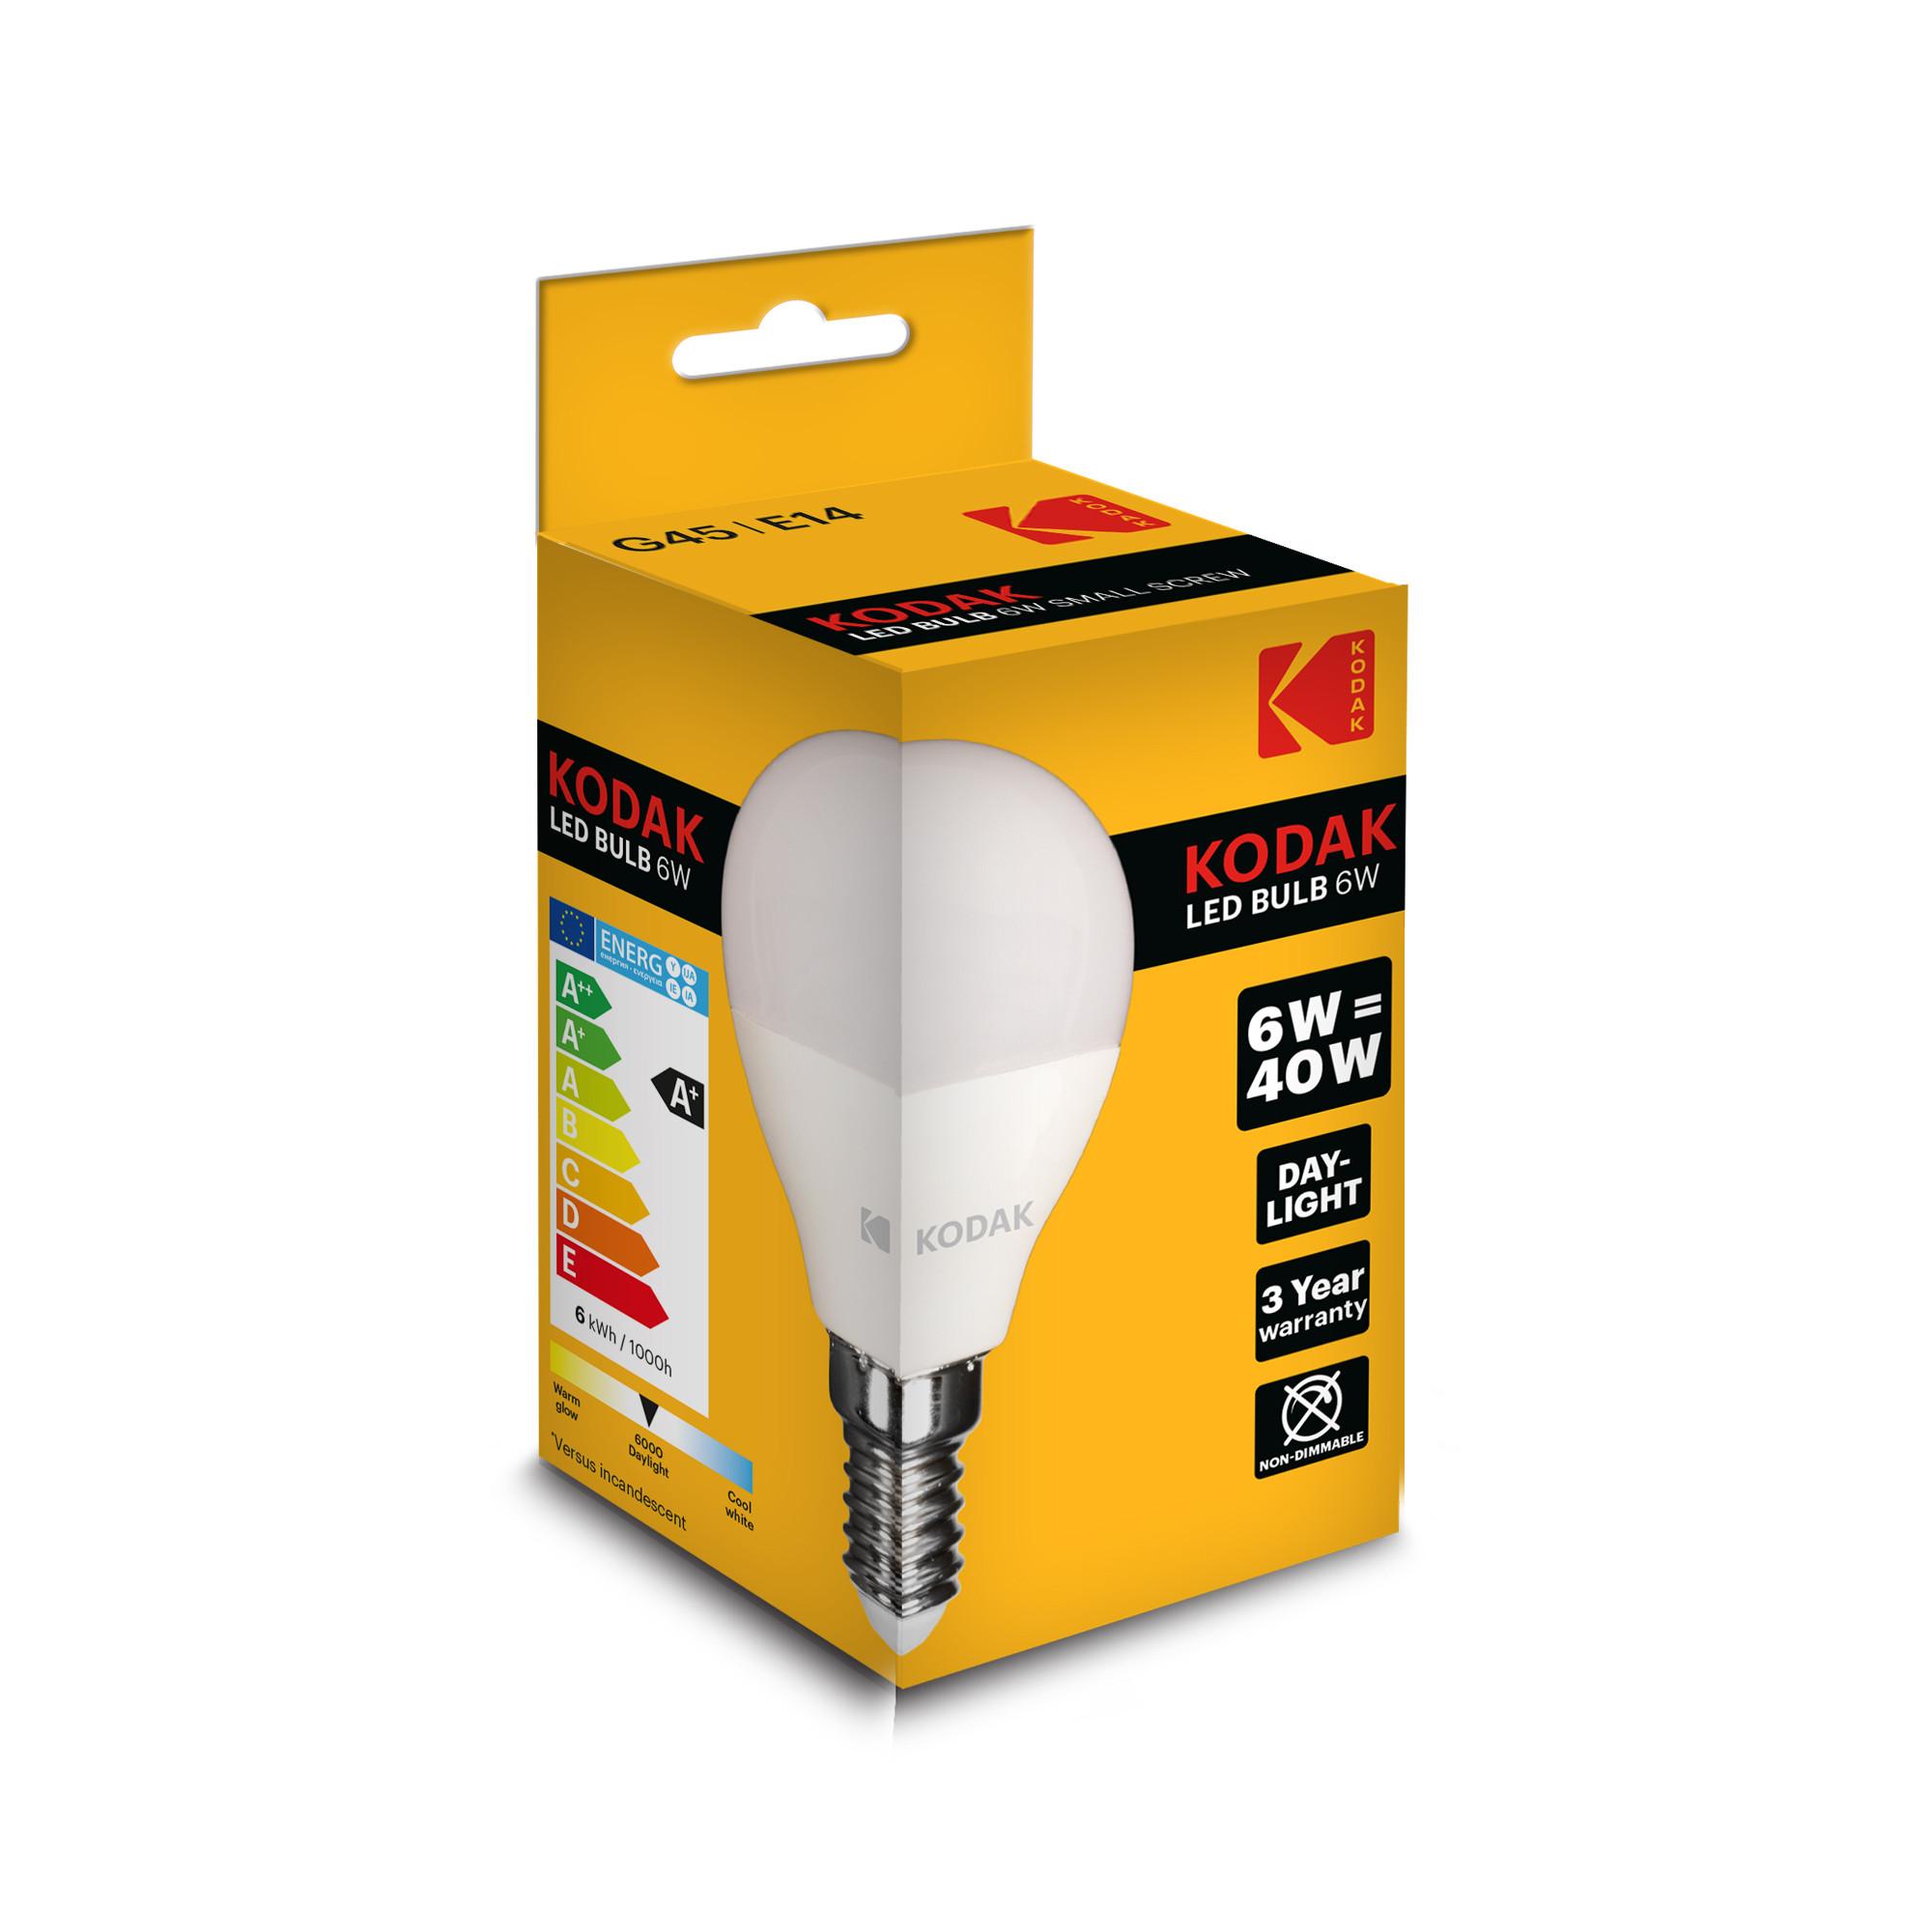 Bóng Đèn Kodak Led Bulb 6W/40W G45 -E14  Ánh Sáng Trắng Ban Ngày UBL IL0319